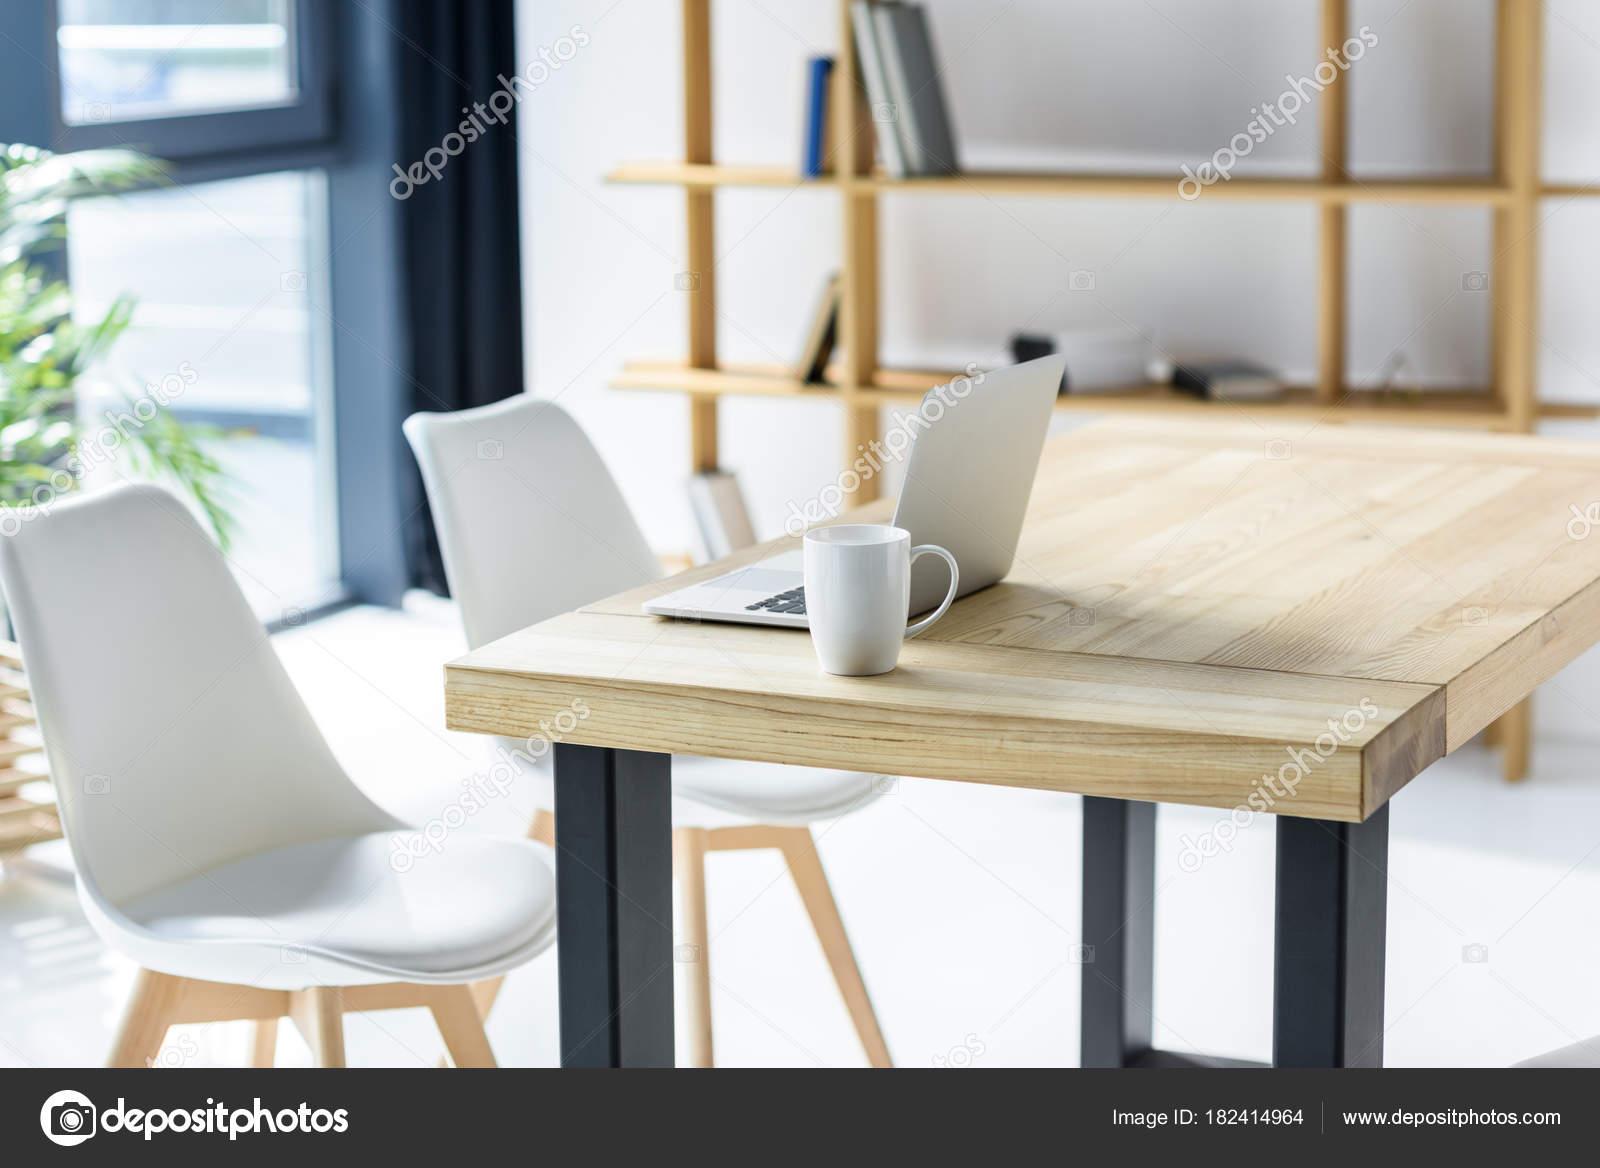 Ordinateur portable coffe cup sur table bureau moderne